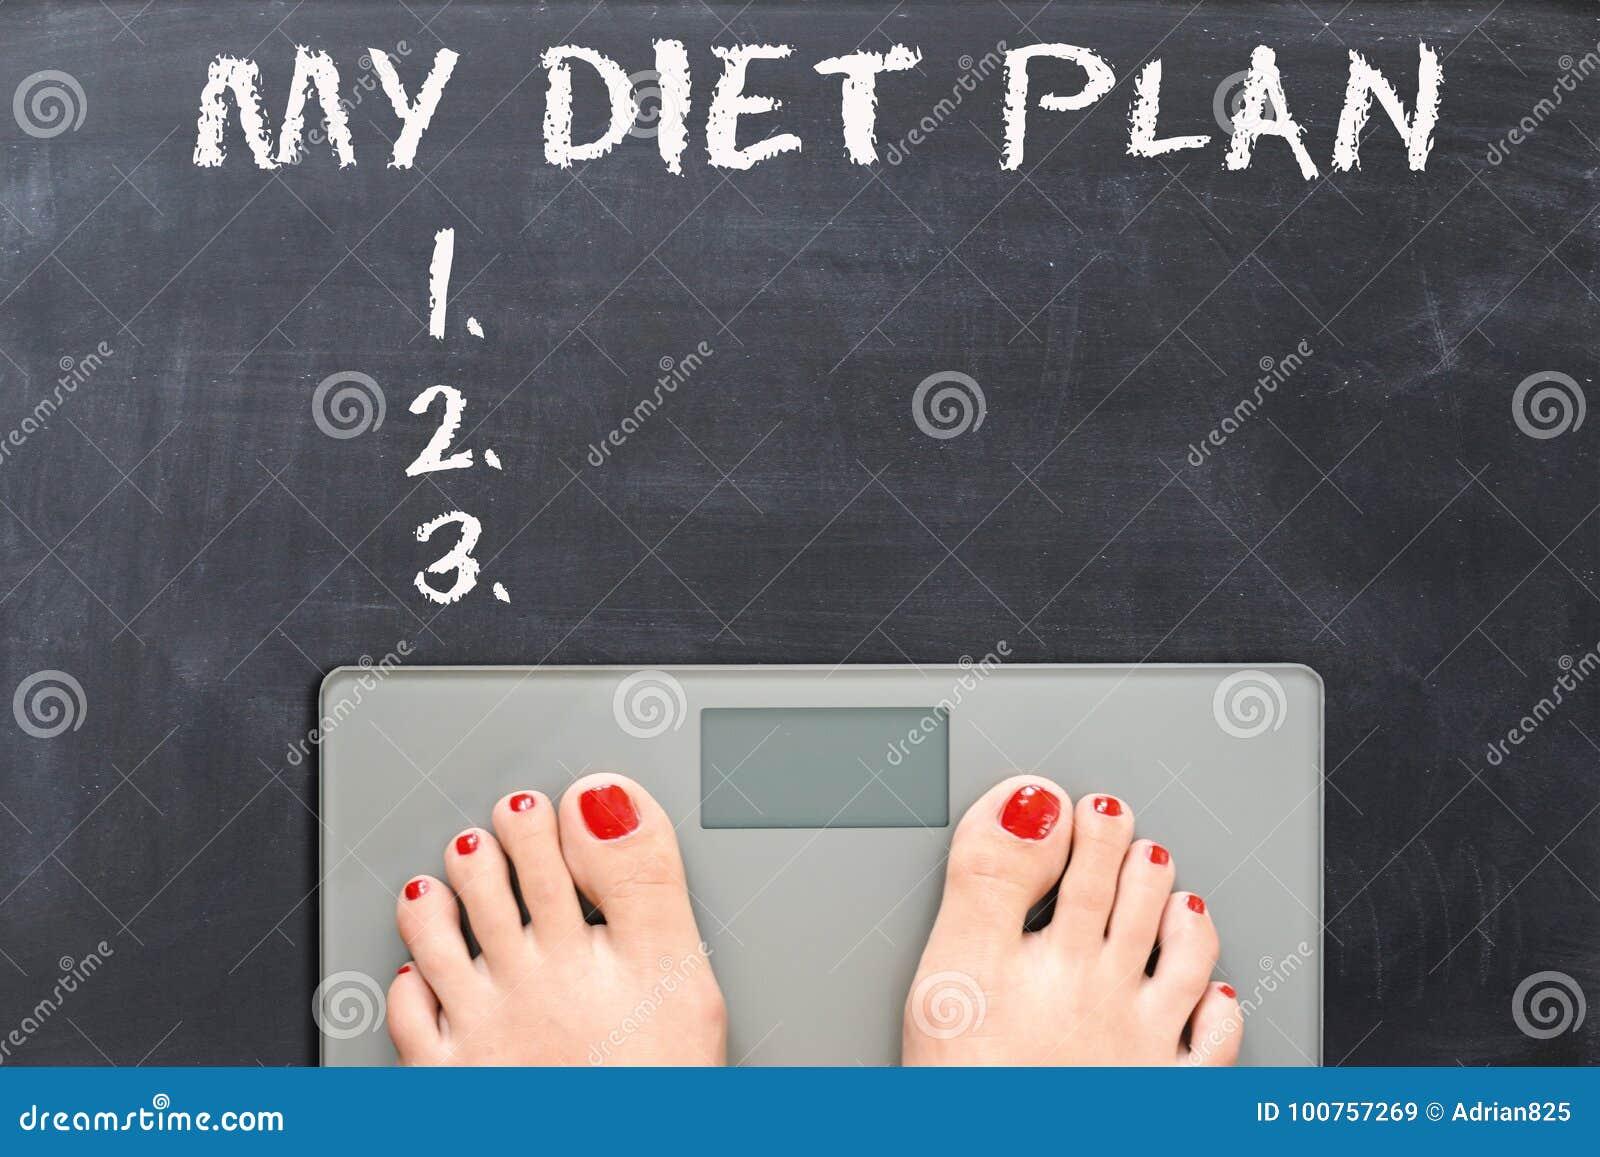 Mijn dieetplan op bord met vrouwenvoeten op een gewichtsschaal